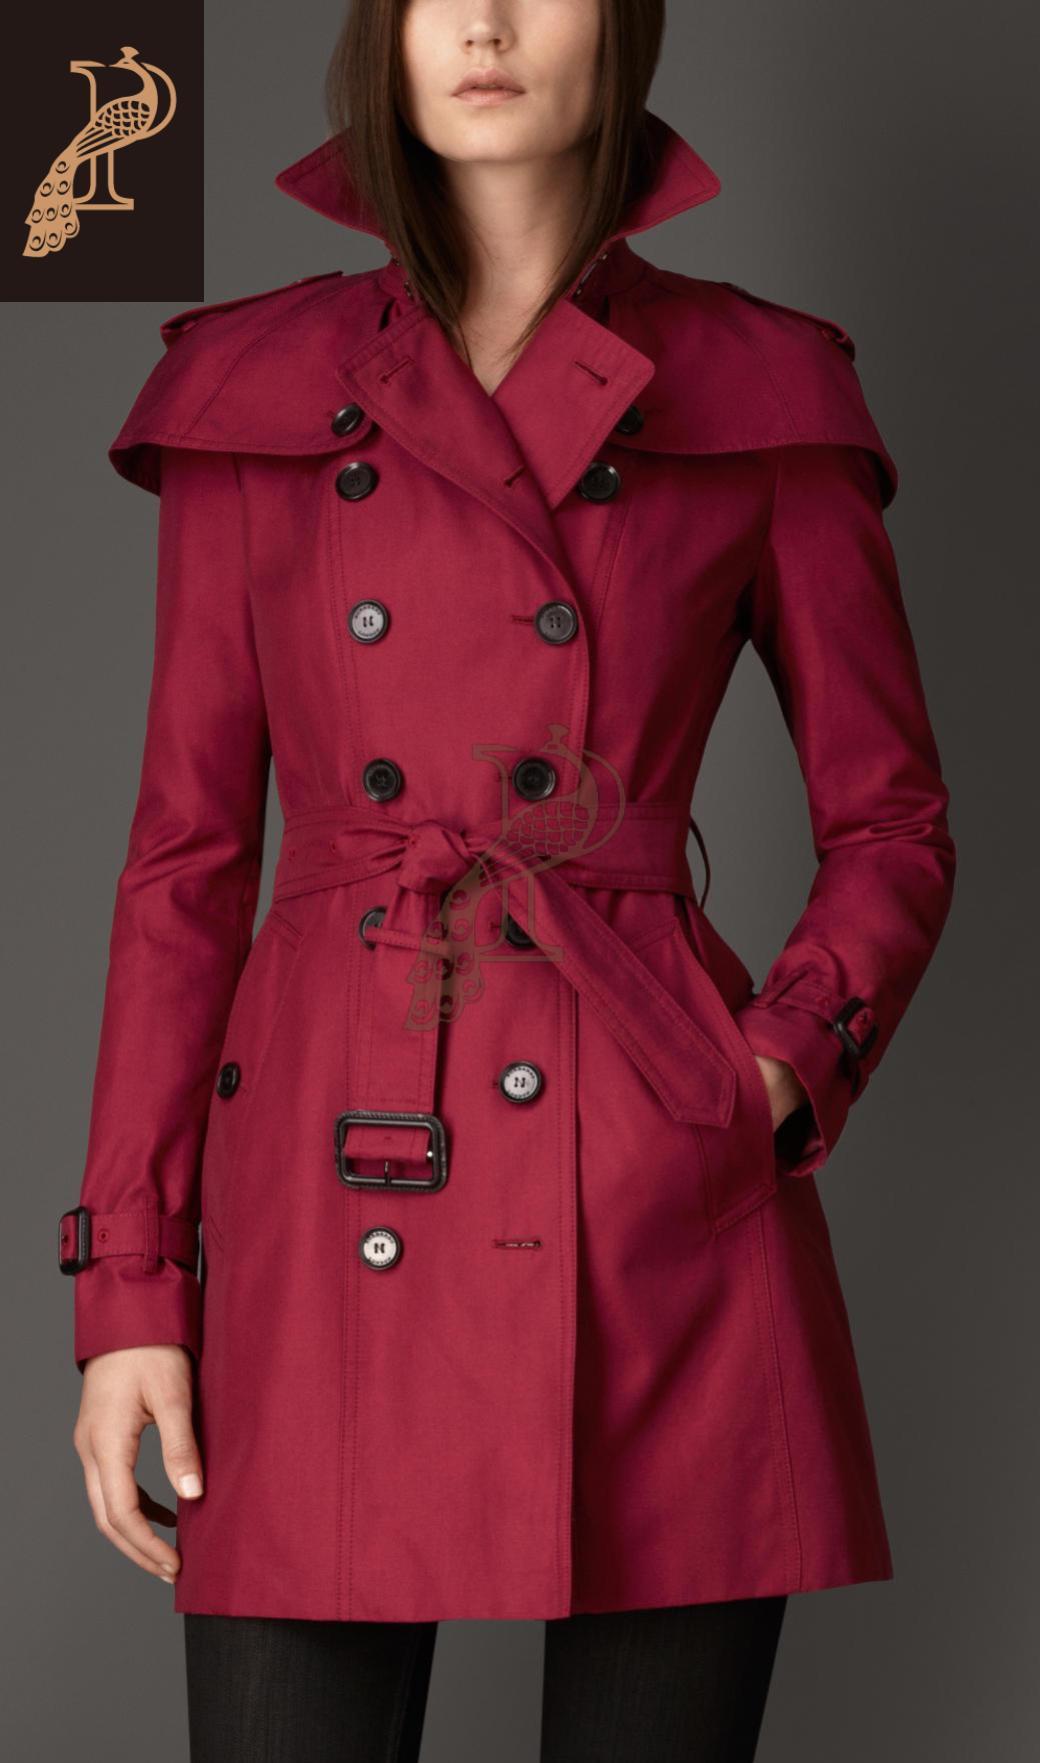 美國代購巴寶莉burberry女裝風衣london系列 紅色中長圖片